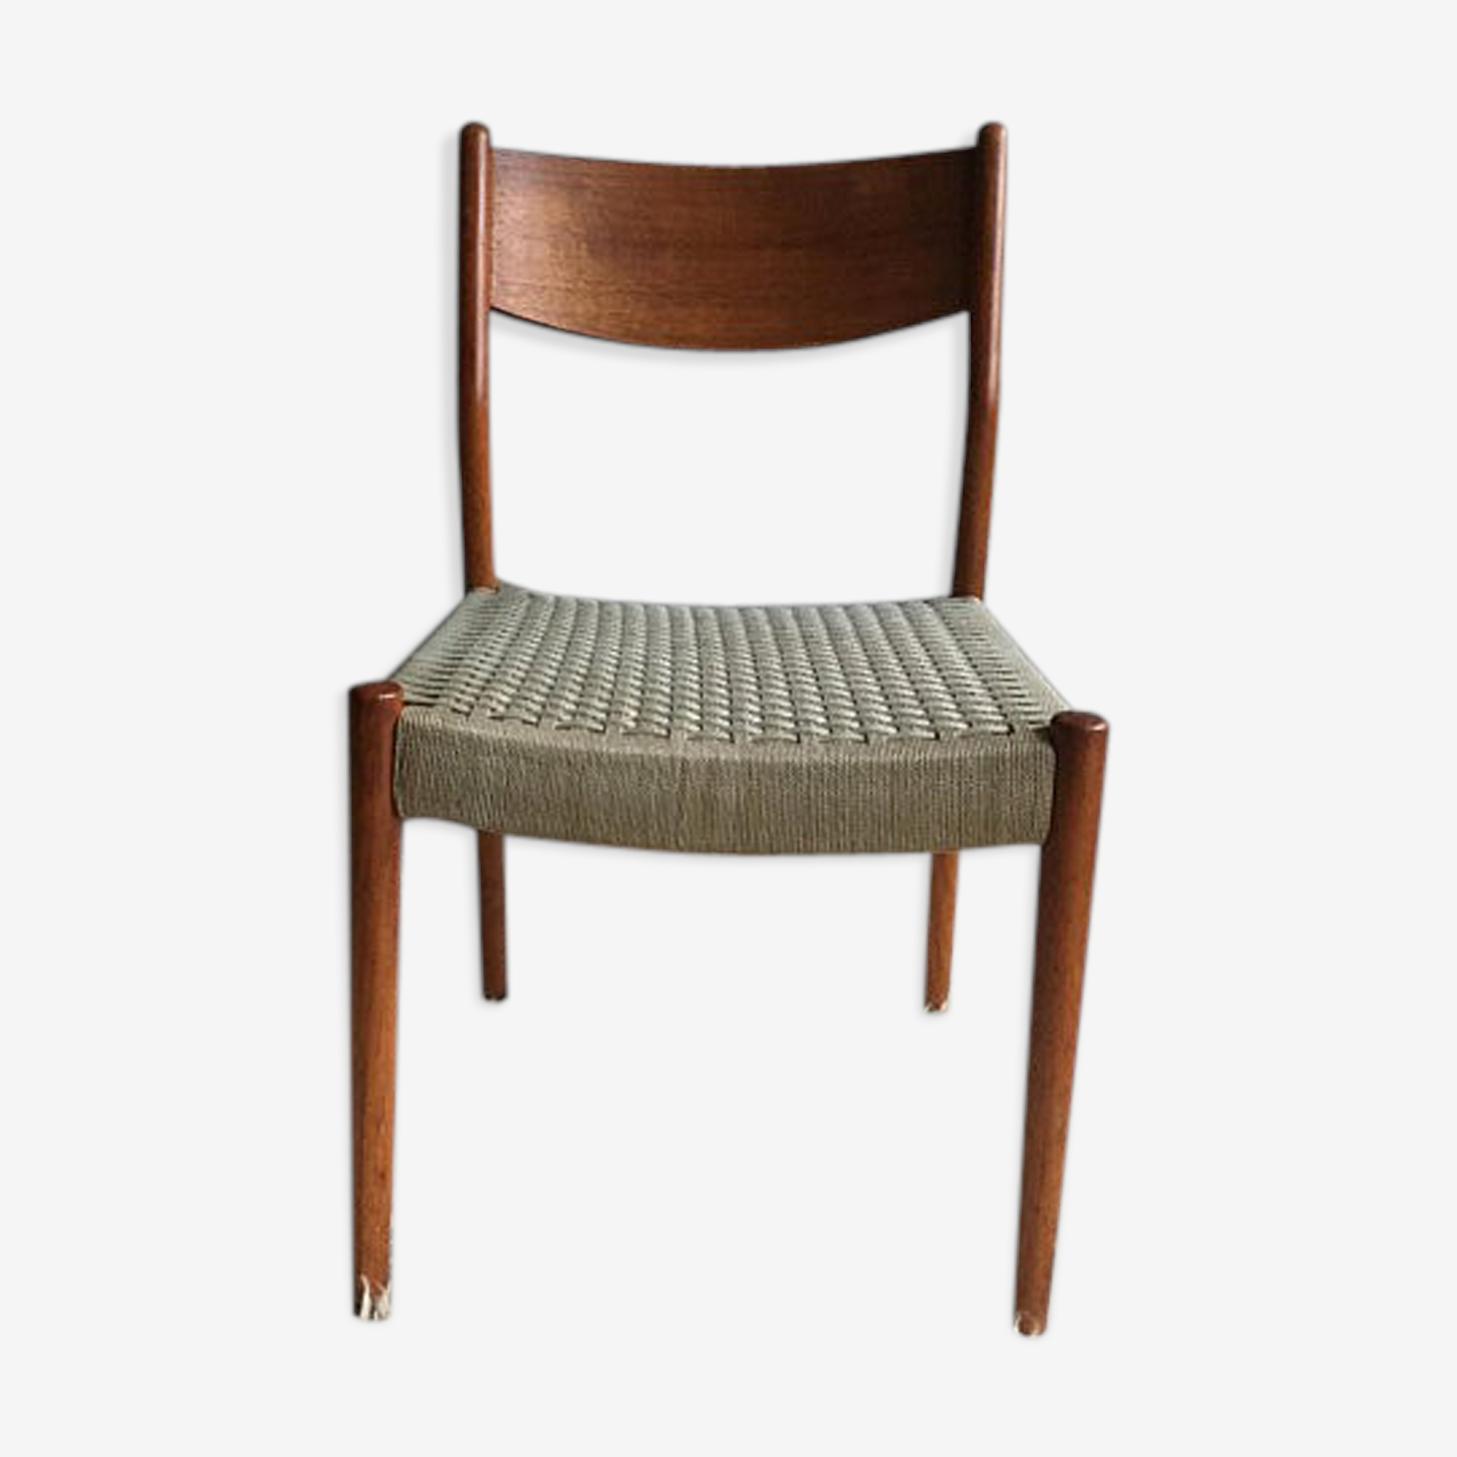 Chaise scandinave vintage en teck de cees braakman